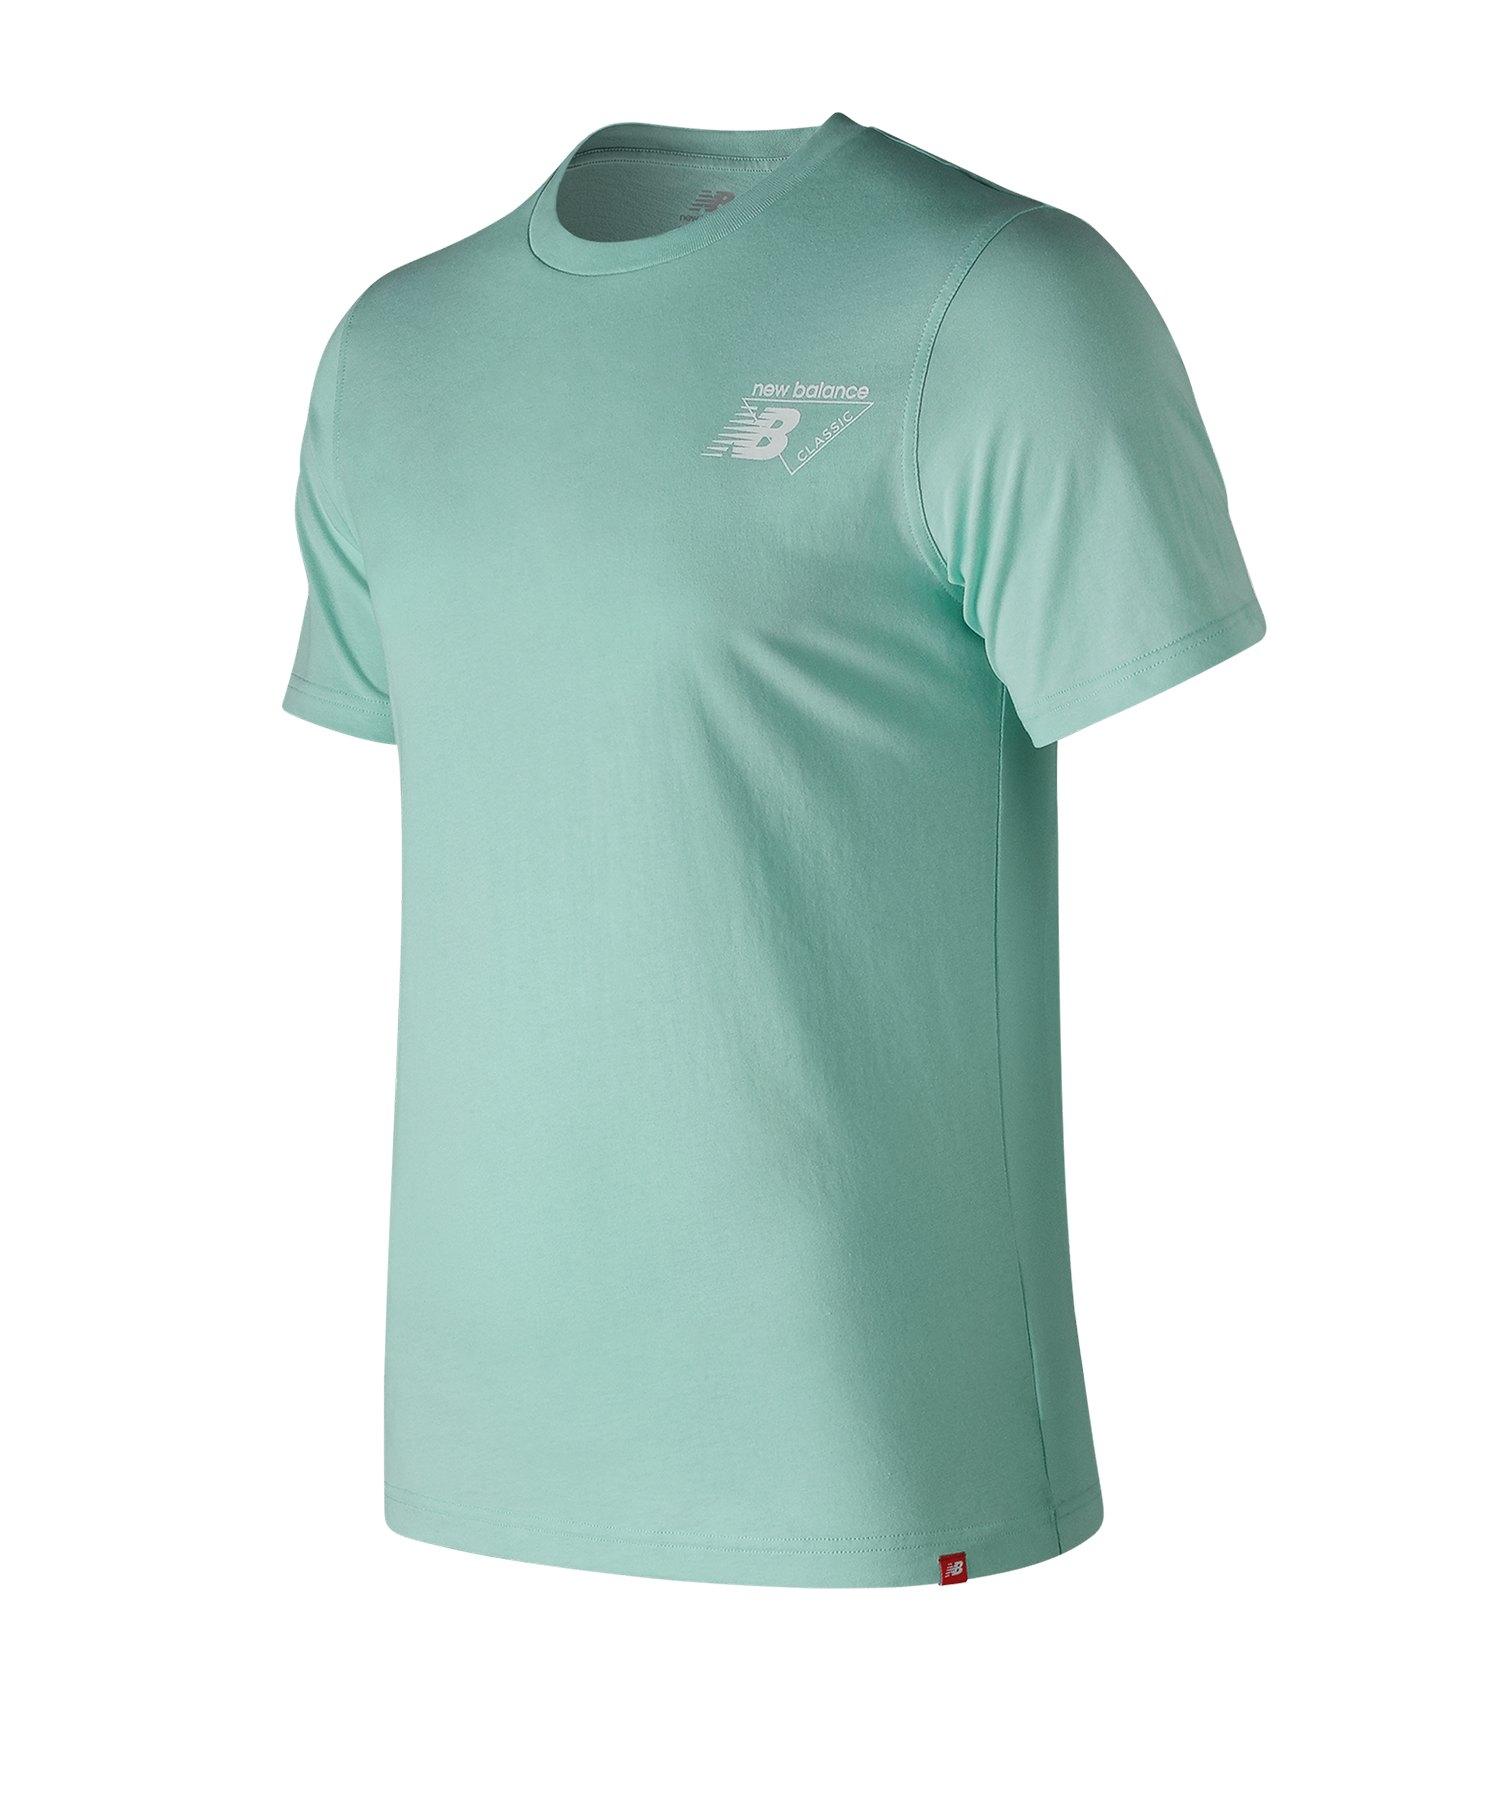 New Balance MT91579 T-Shirt Grün F53 - gruen